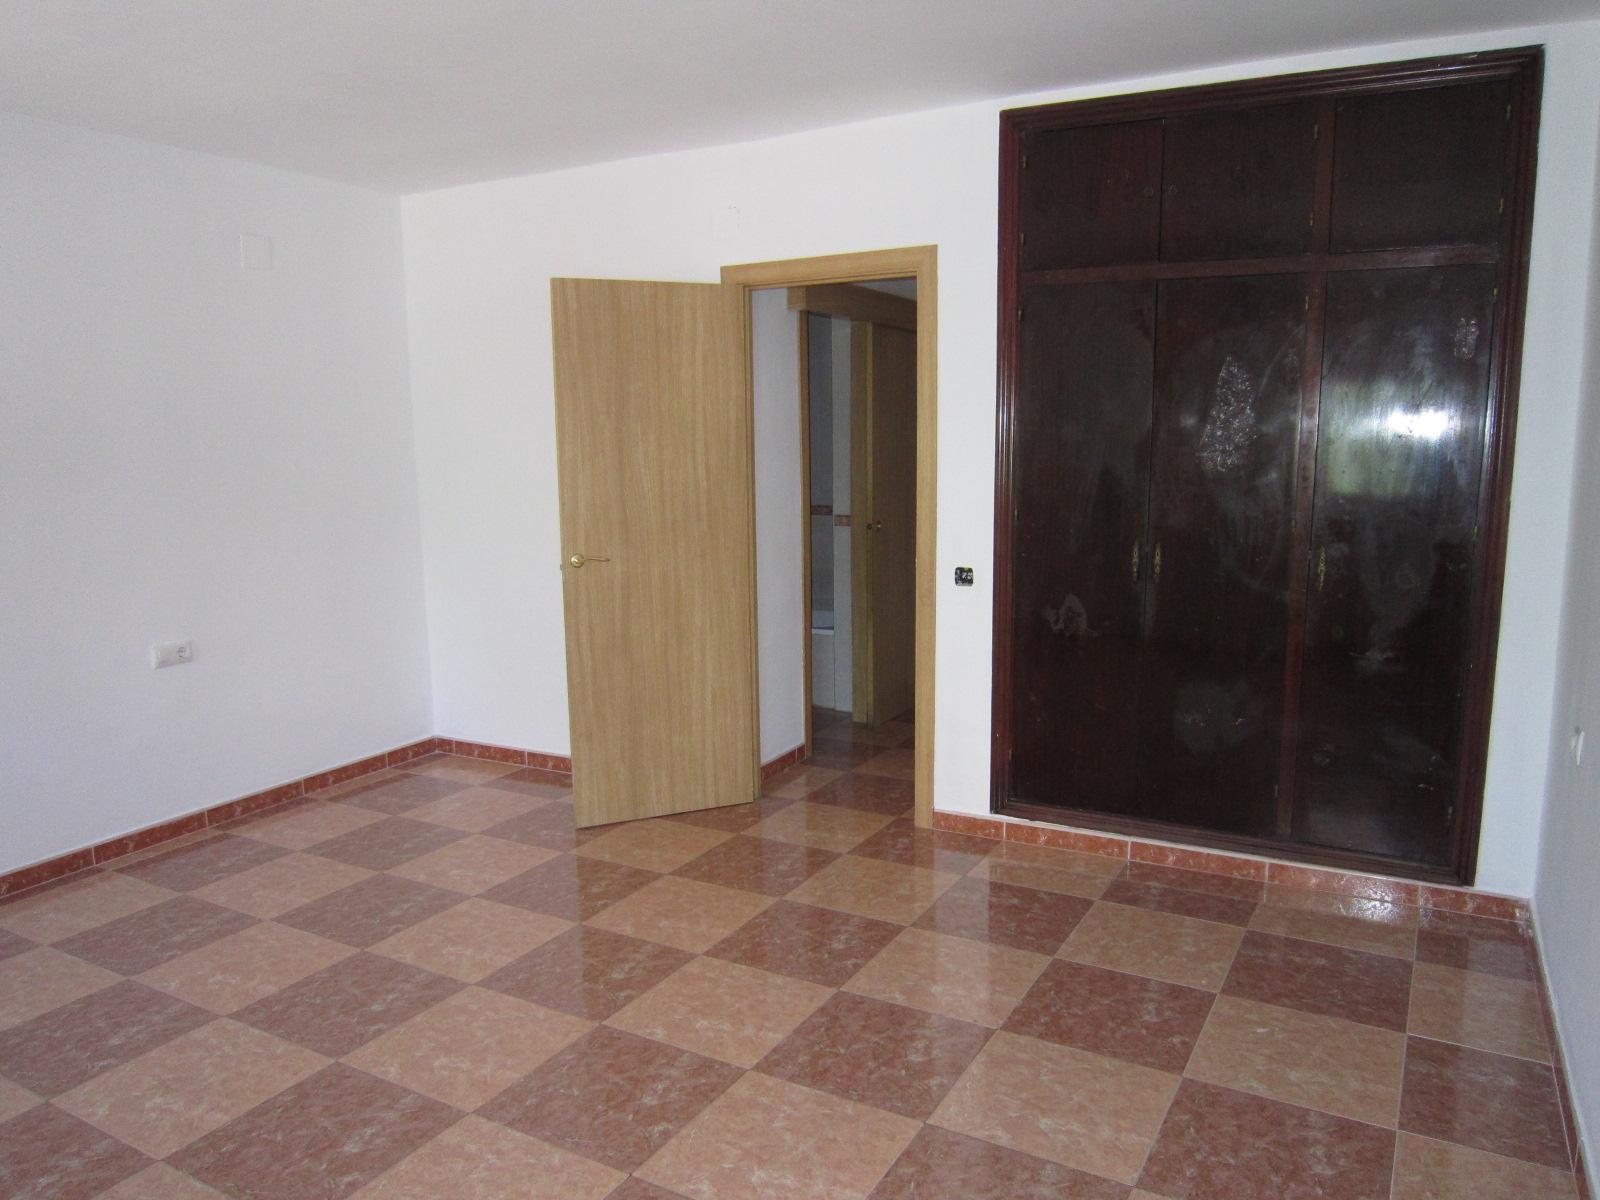 Piso en venta en San Fernando, Cádiz, Avenida Cid, 92.000 €, 2 habitaciones, 1 baño, 82 m2